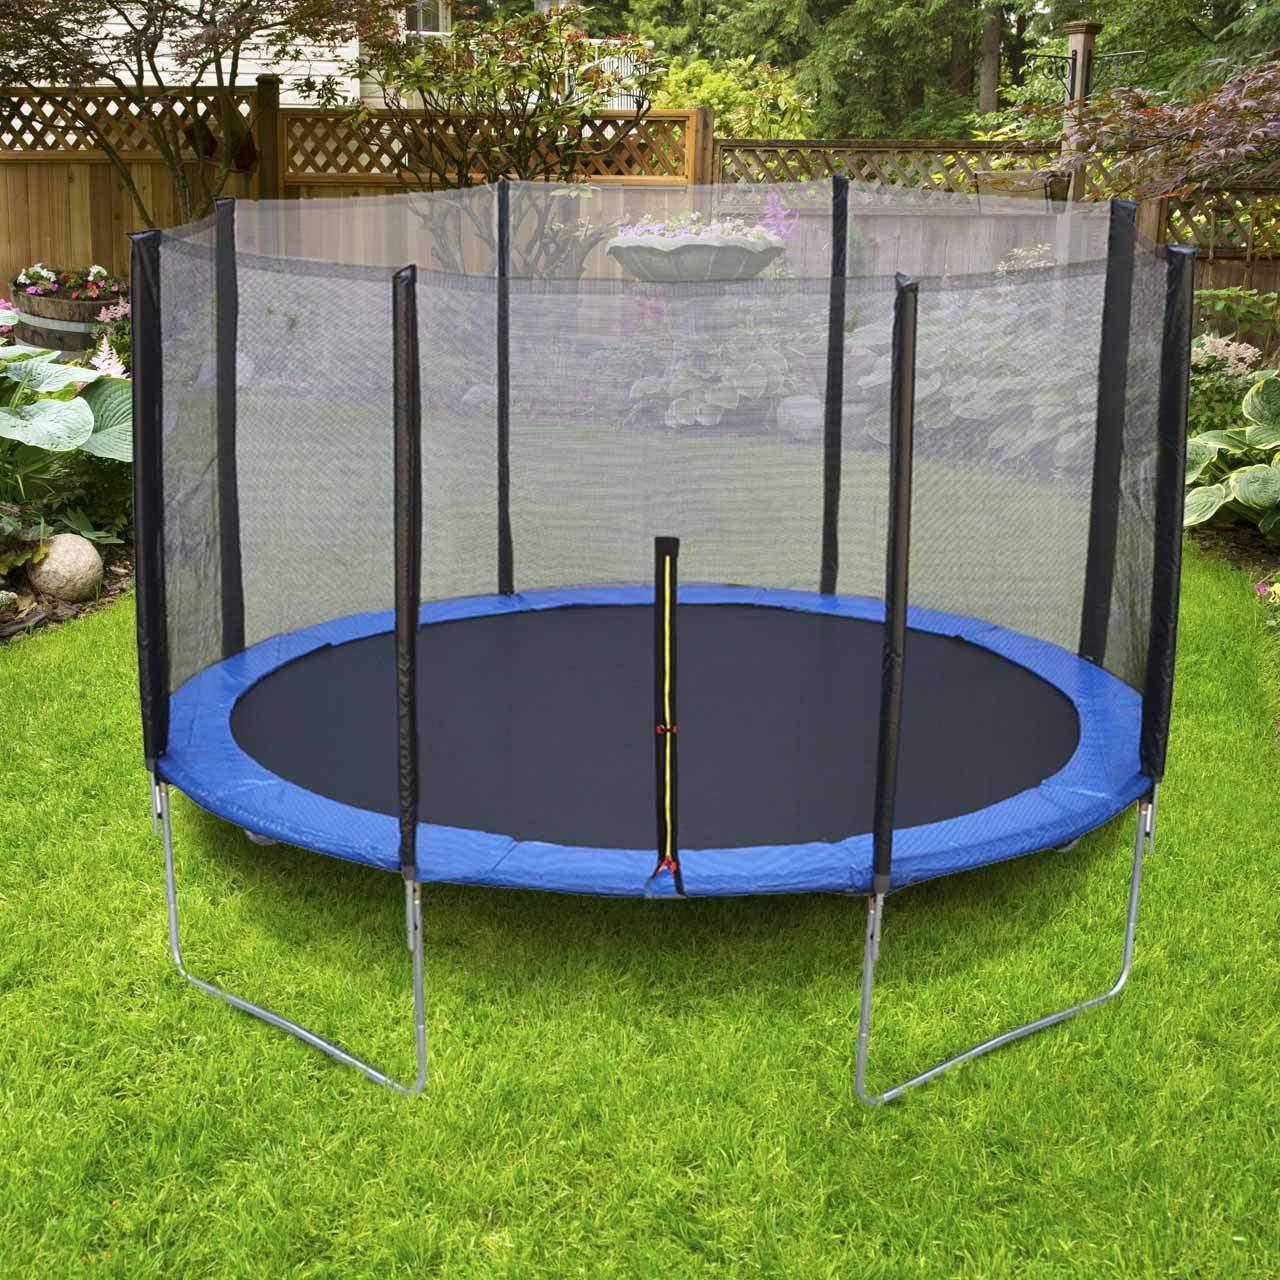 Trampolin Im Garten Einzigartig Trampolin Mit Sicherheitsnetz Für Kinder U Erwachsene